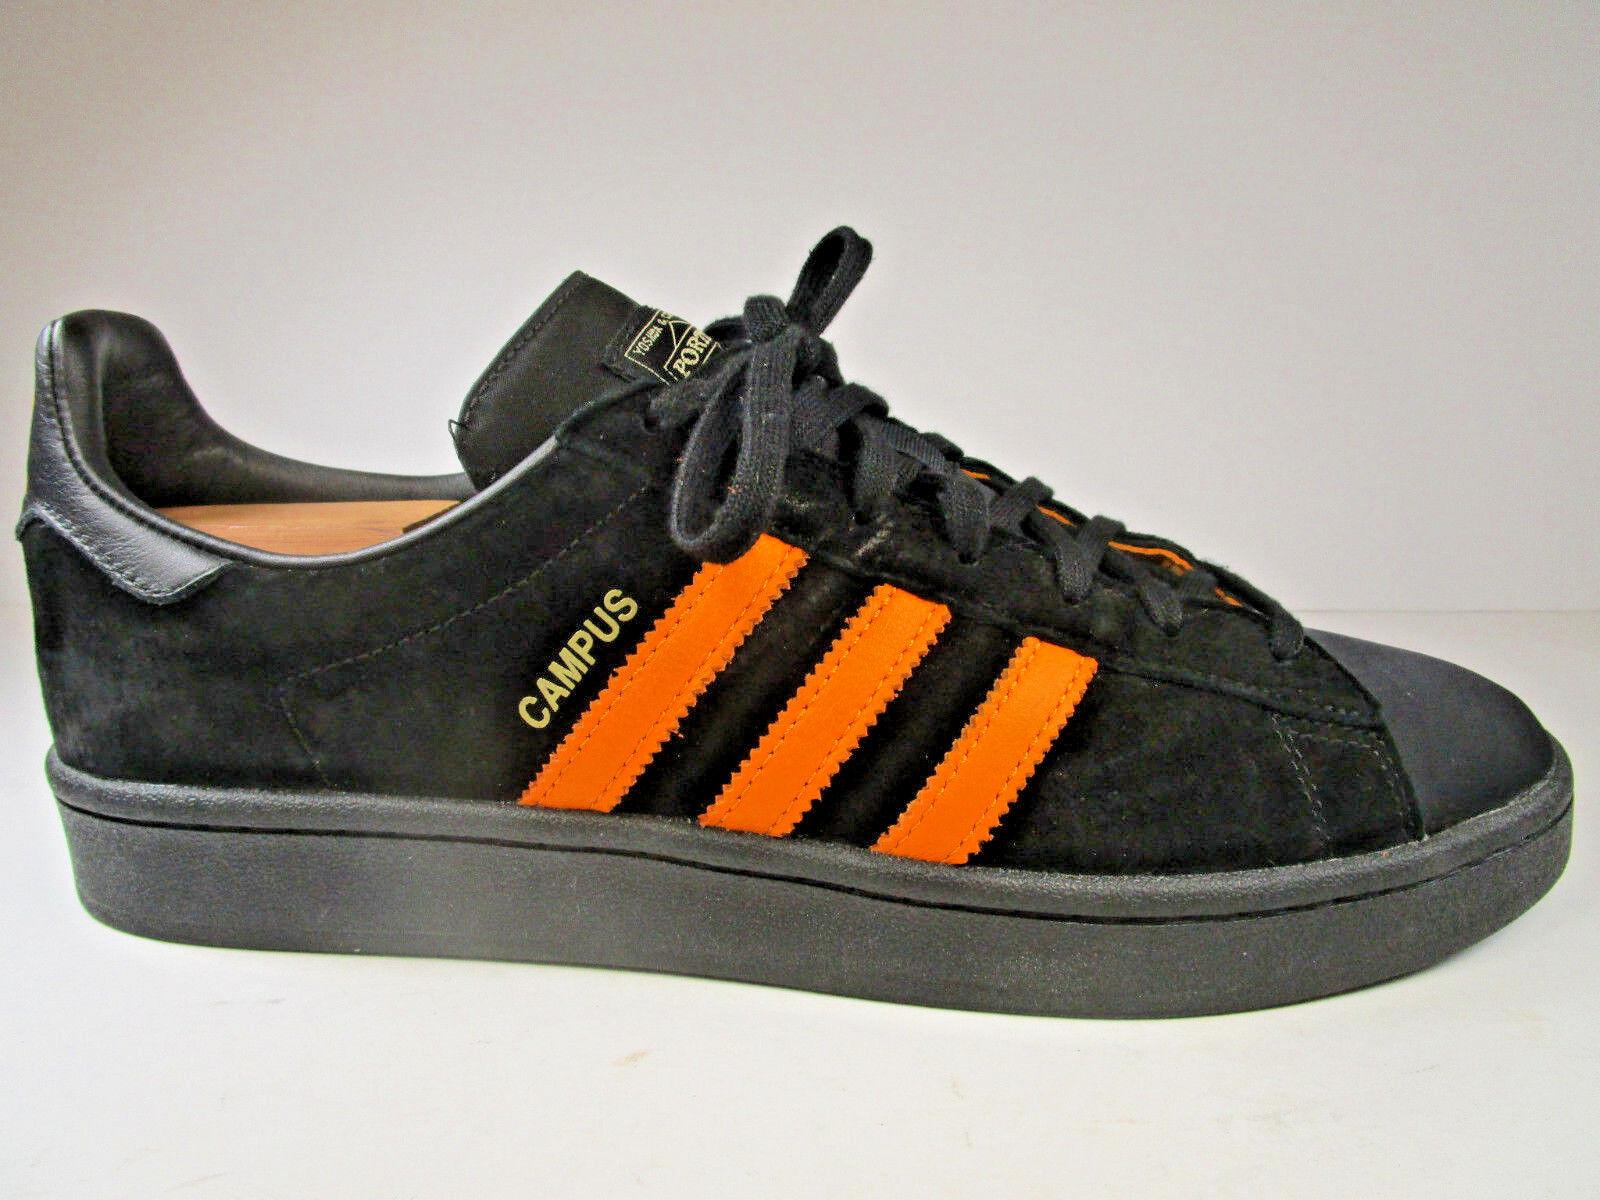 Adidas porter mens scarpe taglia taglia taglia 10,5 arte b28143 yoshida in giappone campus velluto nero | Vendita  | Uomini/Donne Scarpa  9077ca